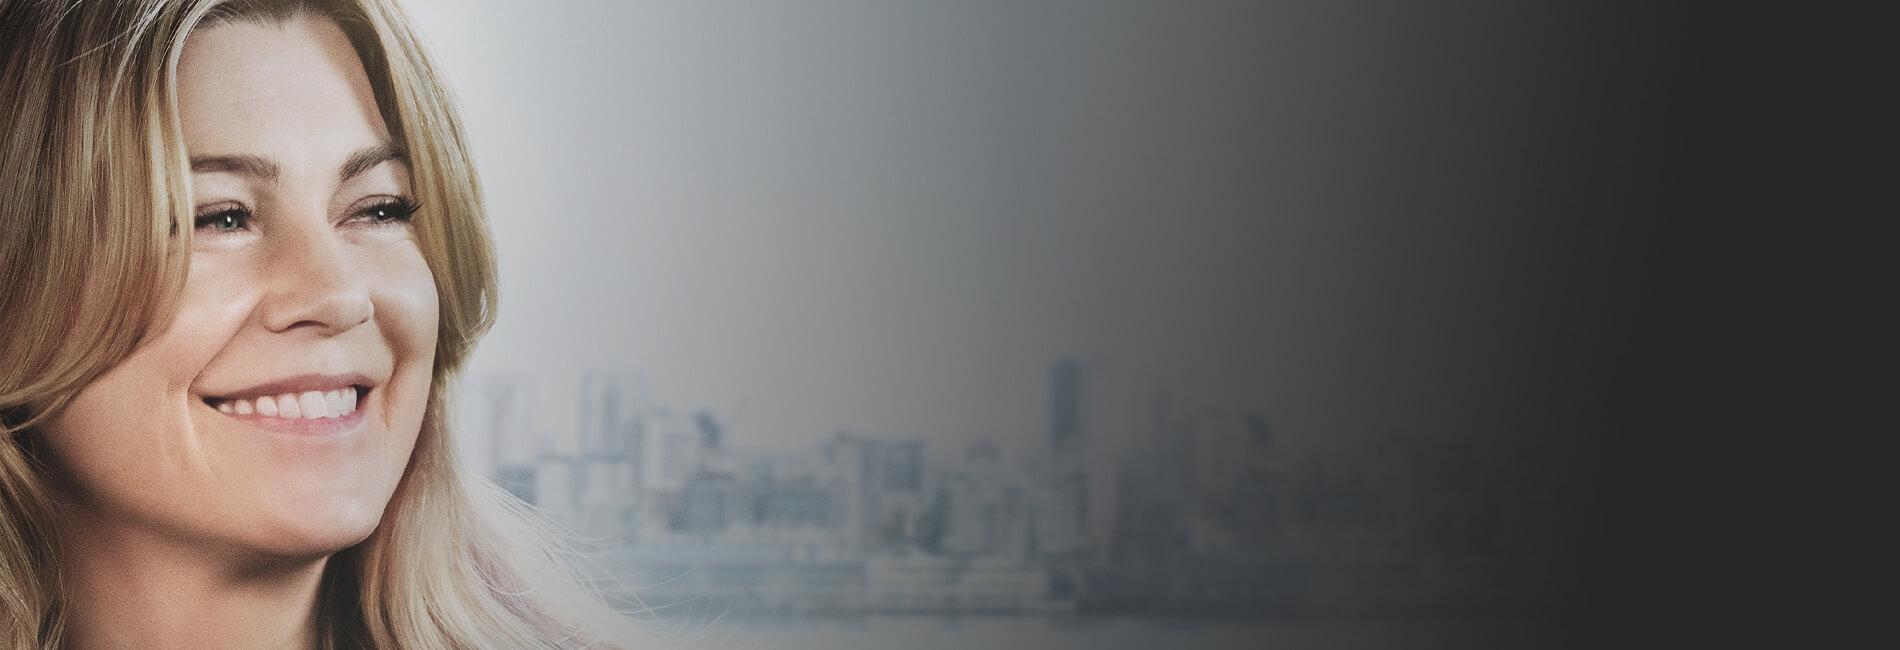 האנטומיה של גריי | עונה 16 | STINGTV